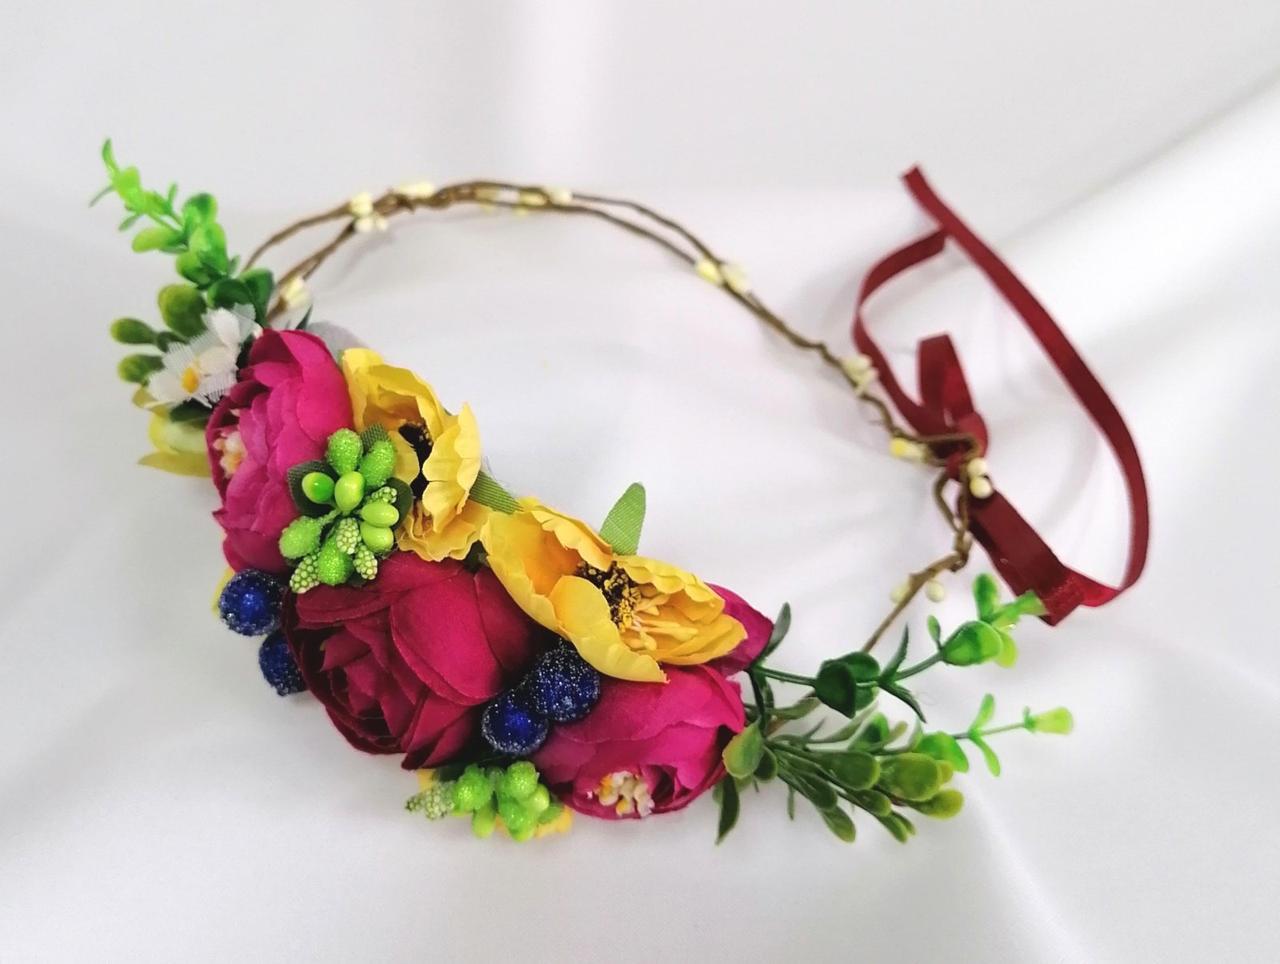 Віночок на лозі з квітами кольору фуксії